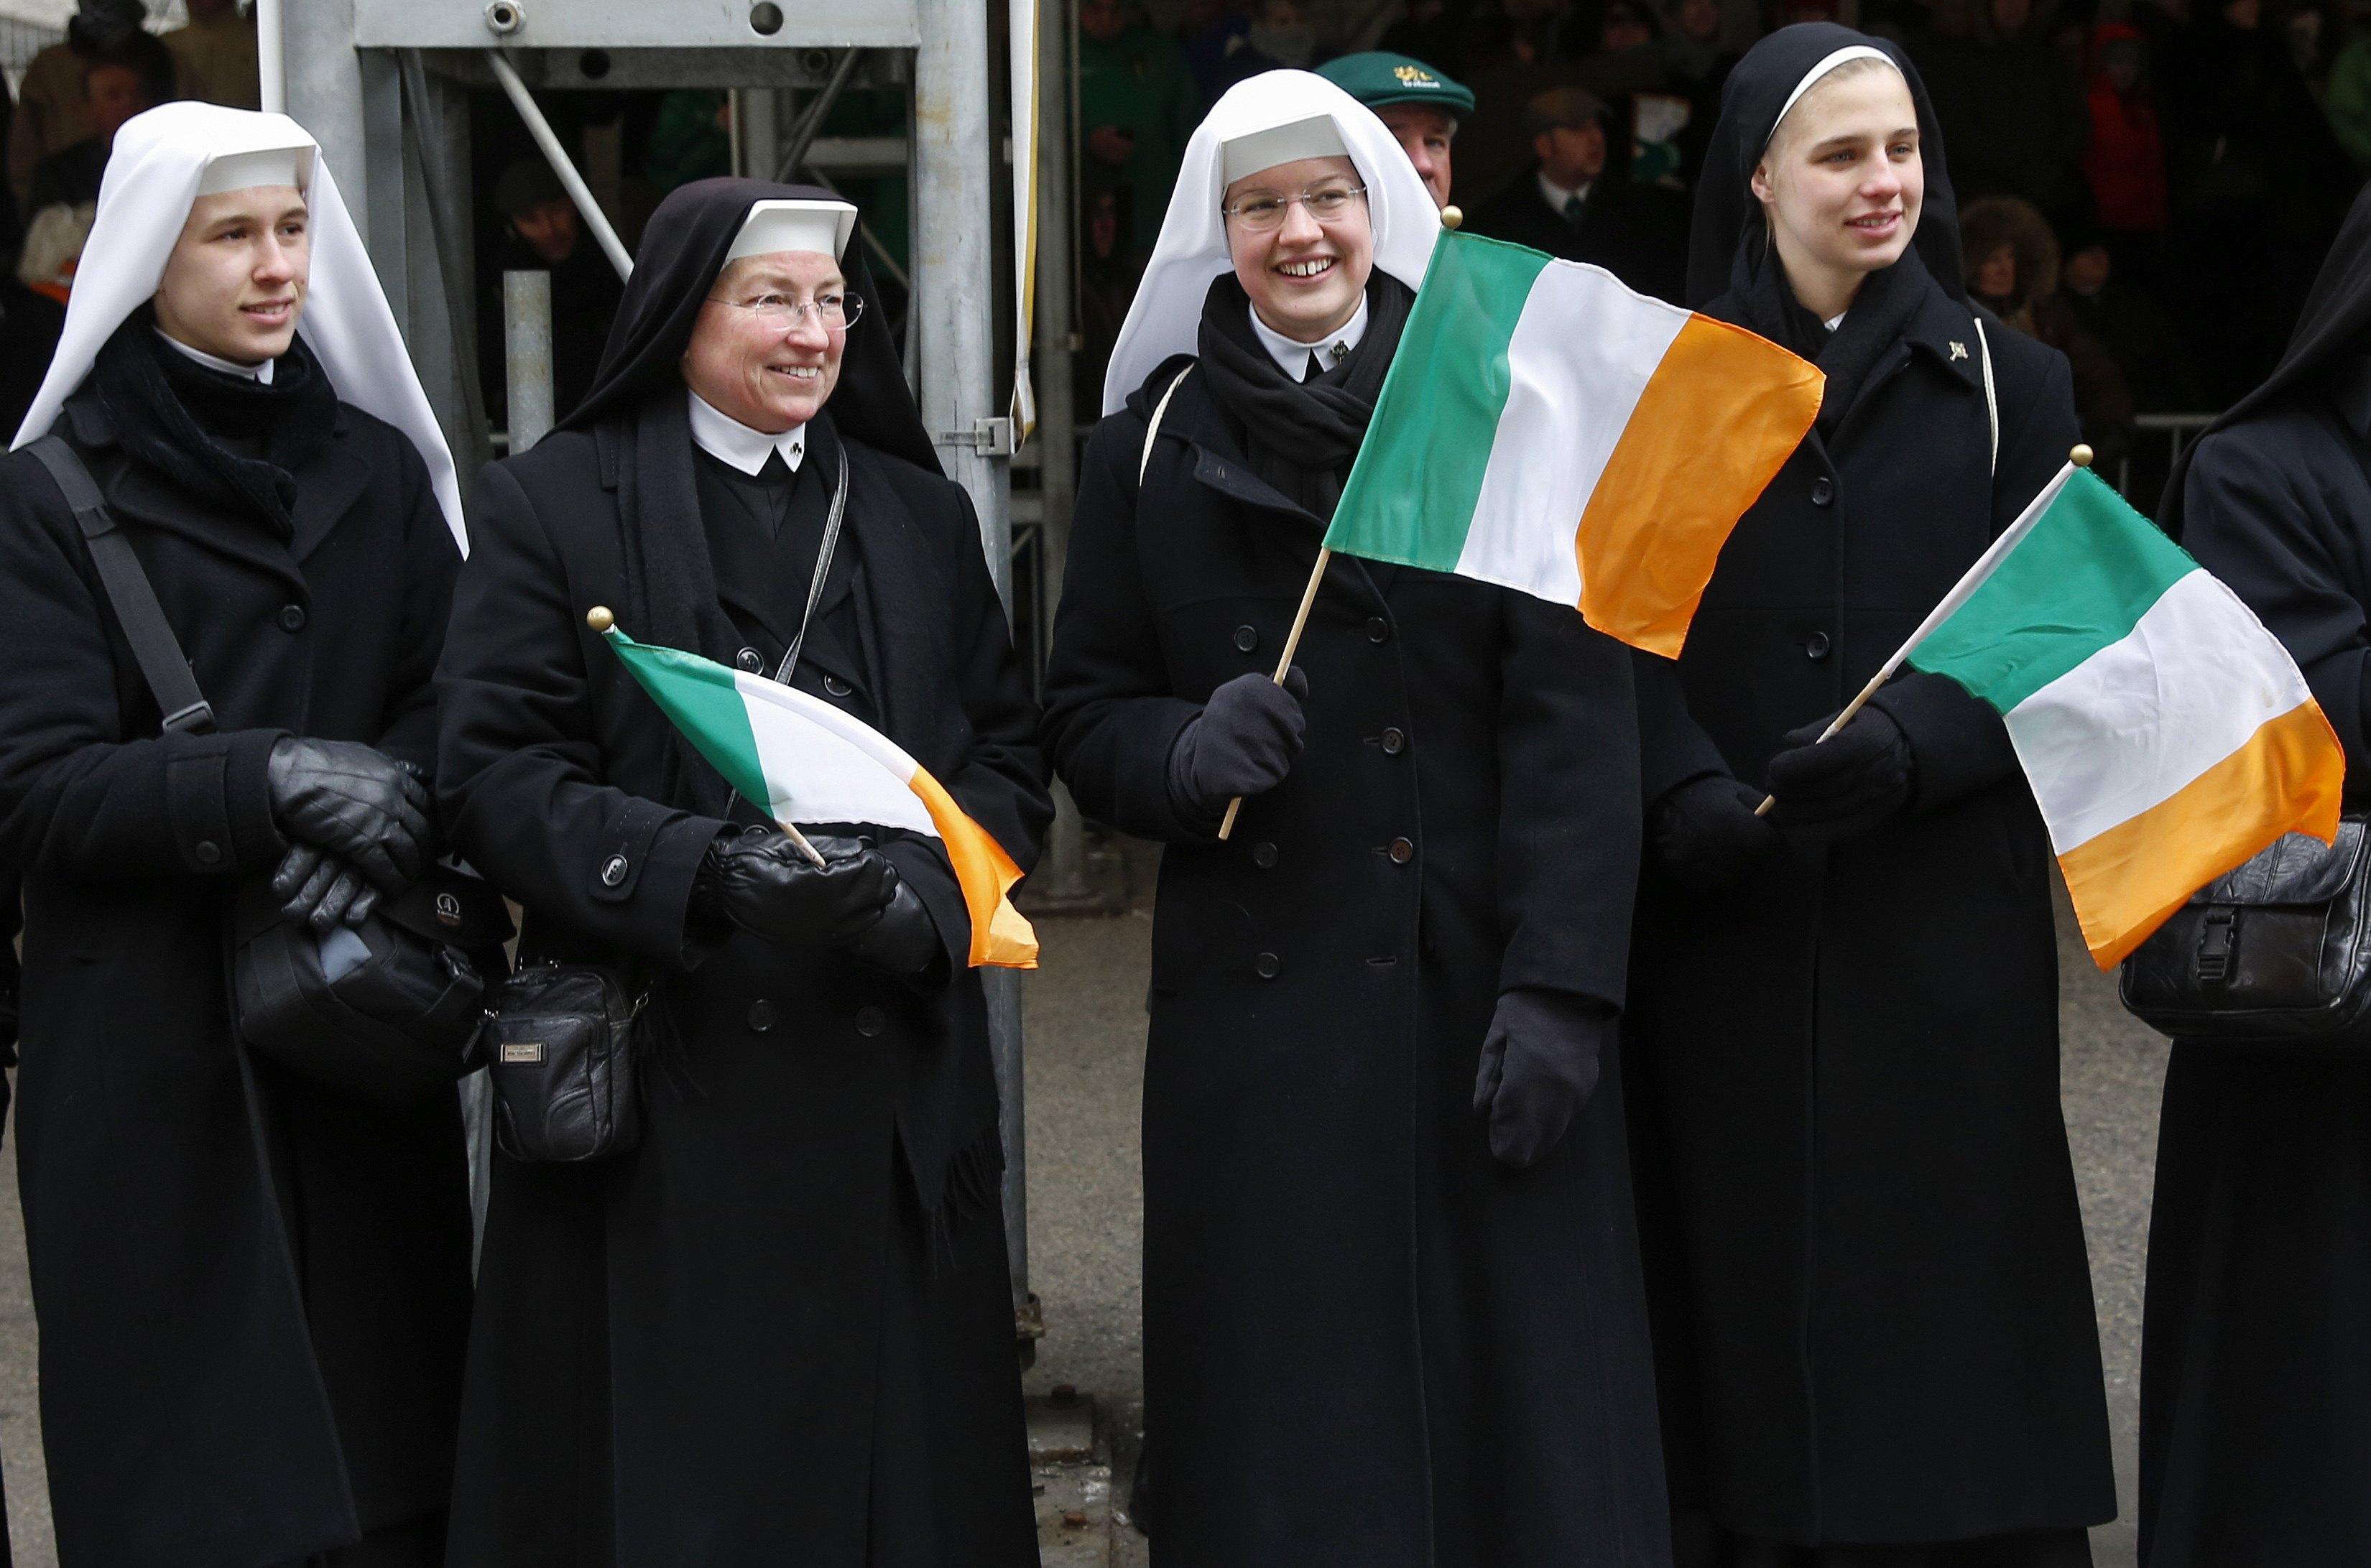 Freiras participam da parada pelo Dia de São Patrício, em Nova York (EUA) | Shannon Stapleton/Reuters